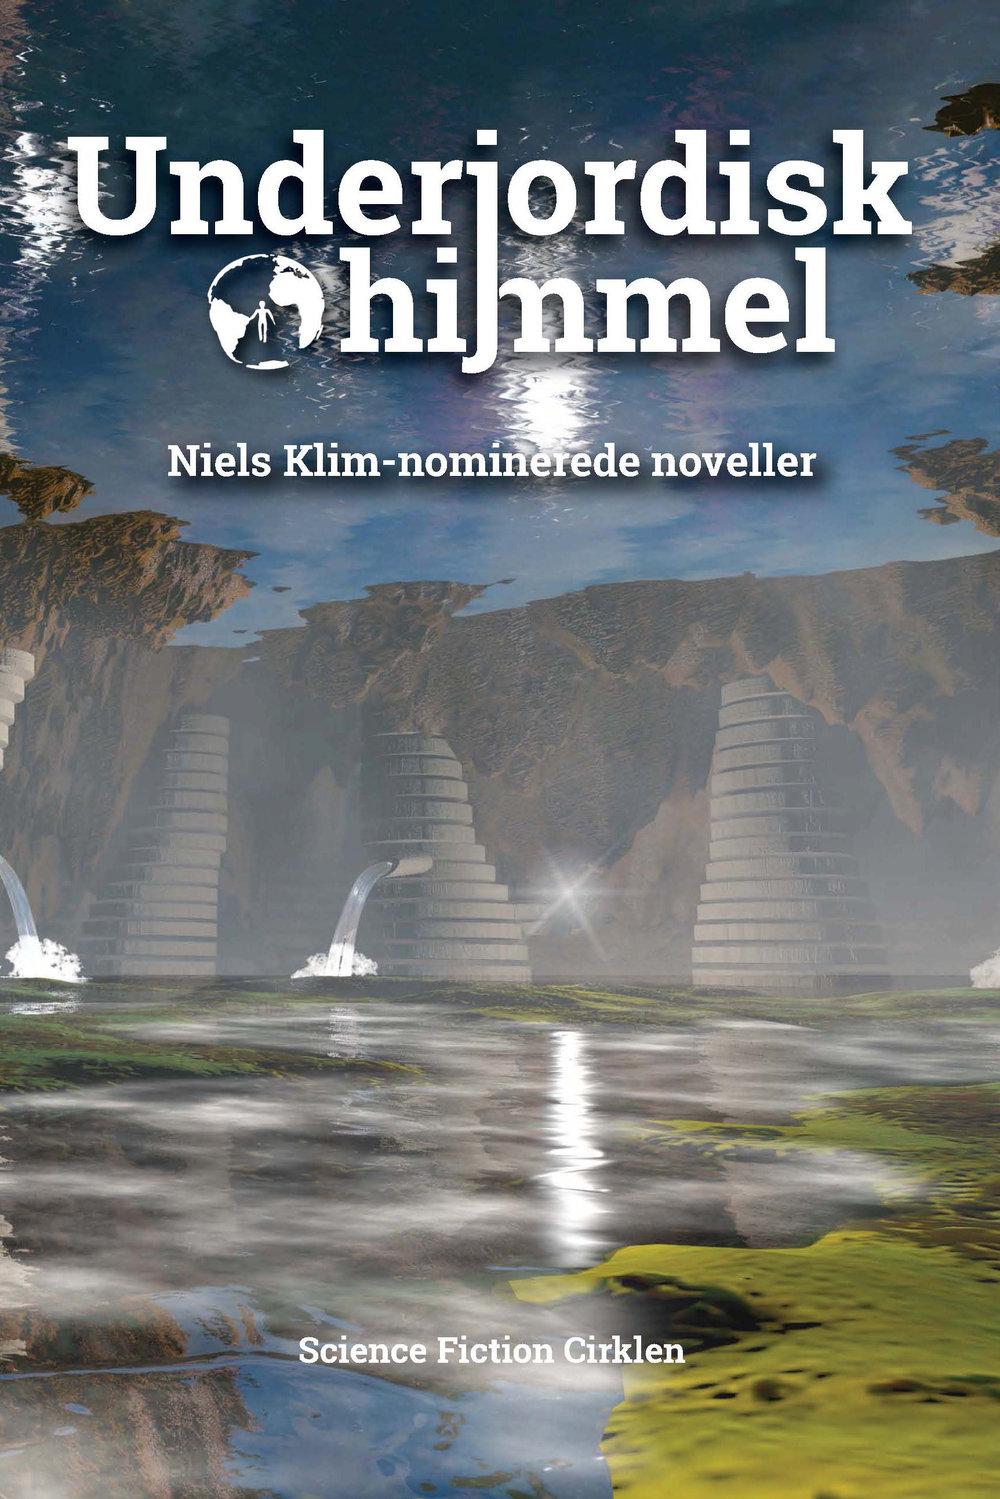 NielsKlimAntologi-front(1).jpg